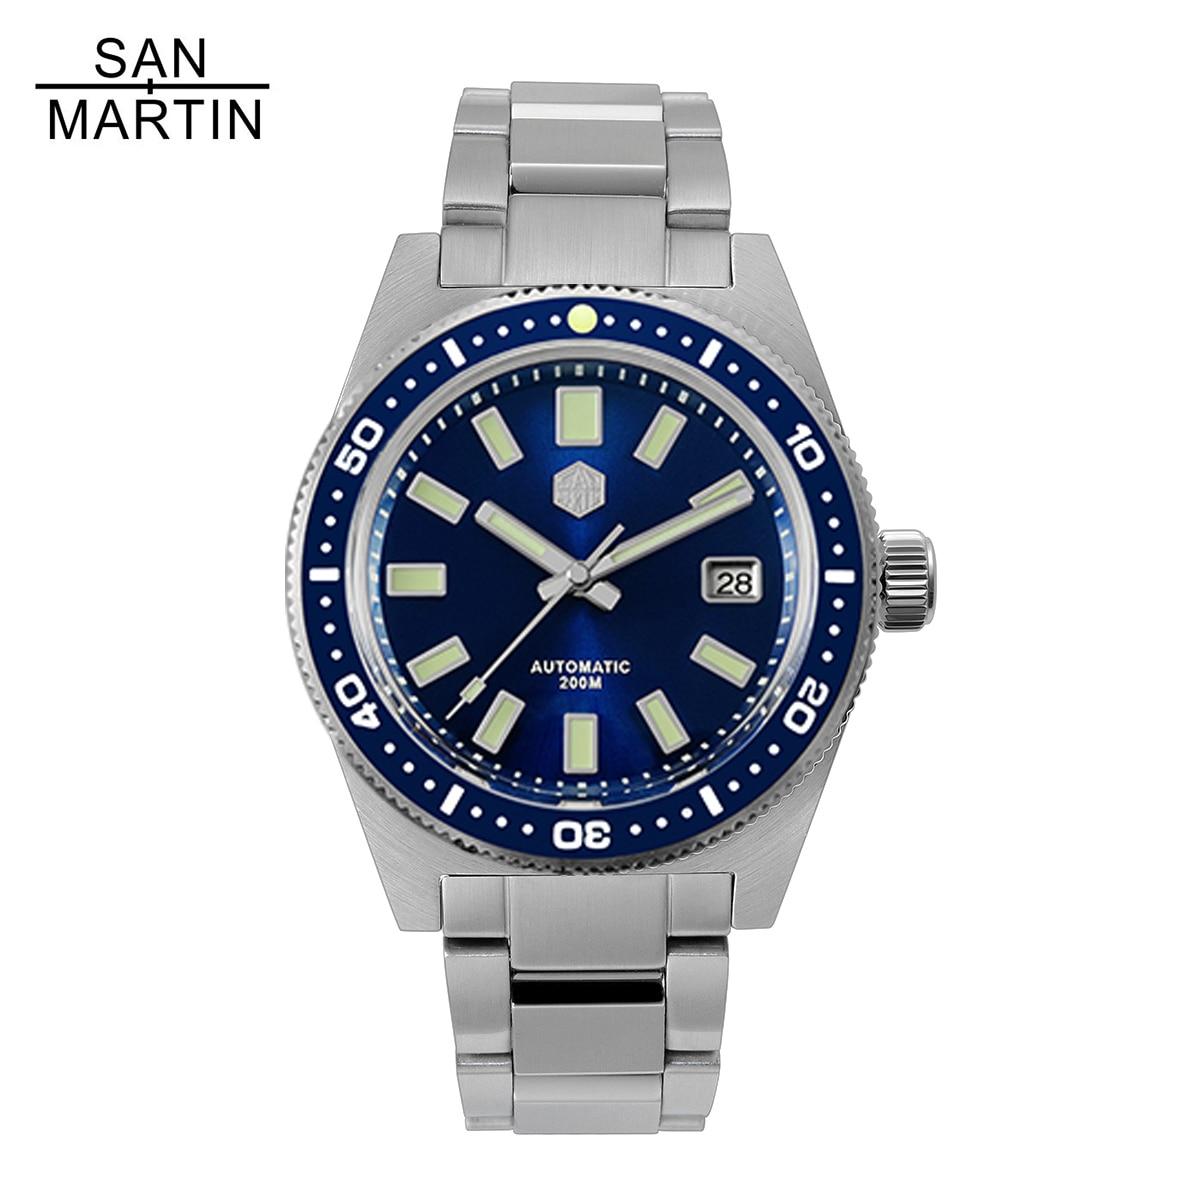 Relógio de Pulso Relojes para Hombre 200m à Prova Martin Inoxidável Mergulho Automático Men Relógios Safira Dwaterproof Água Luminoso San 62mas v4 Aço